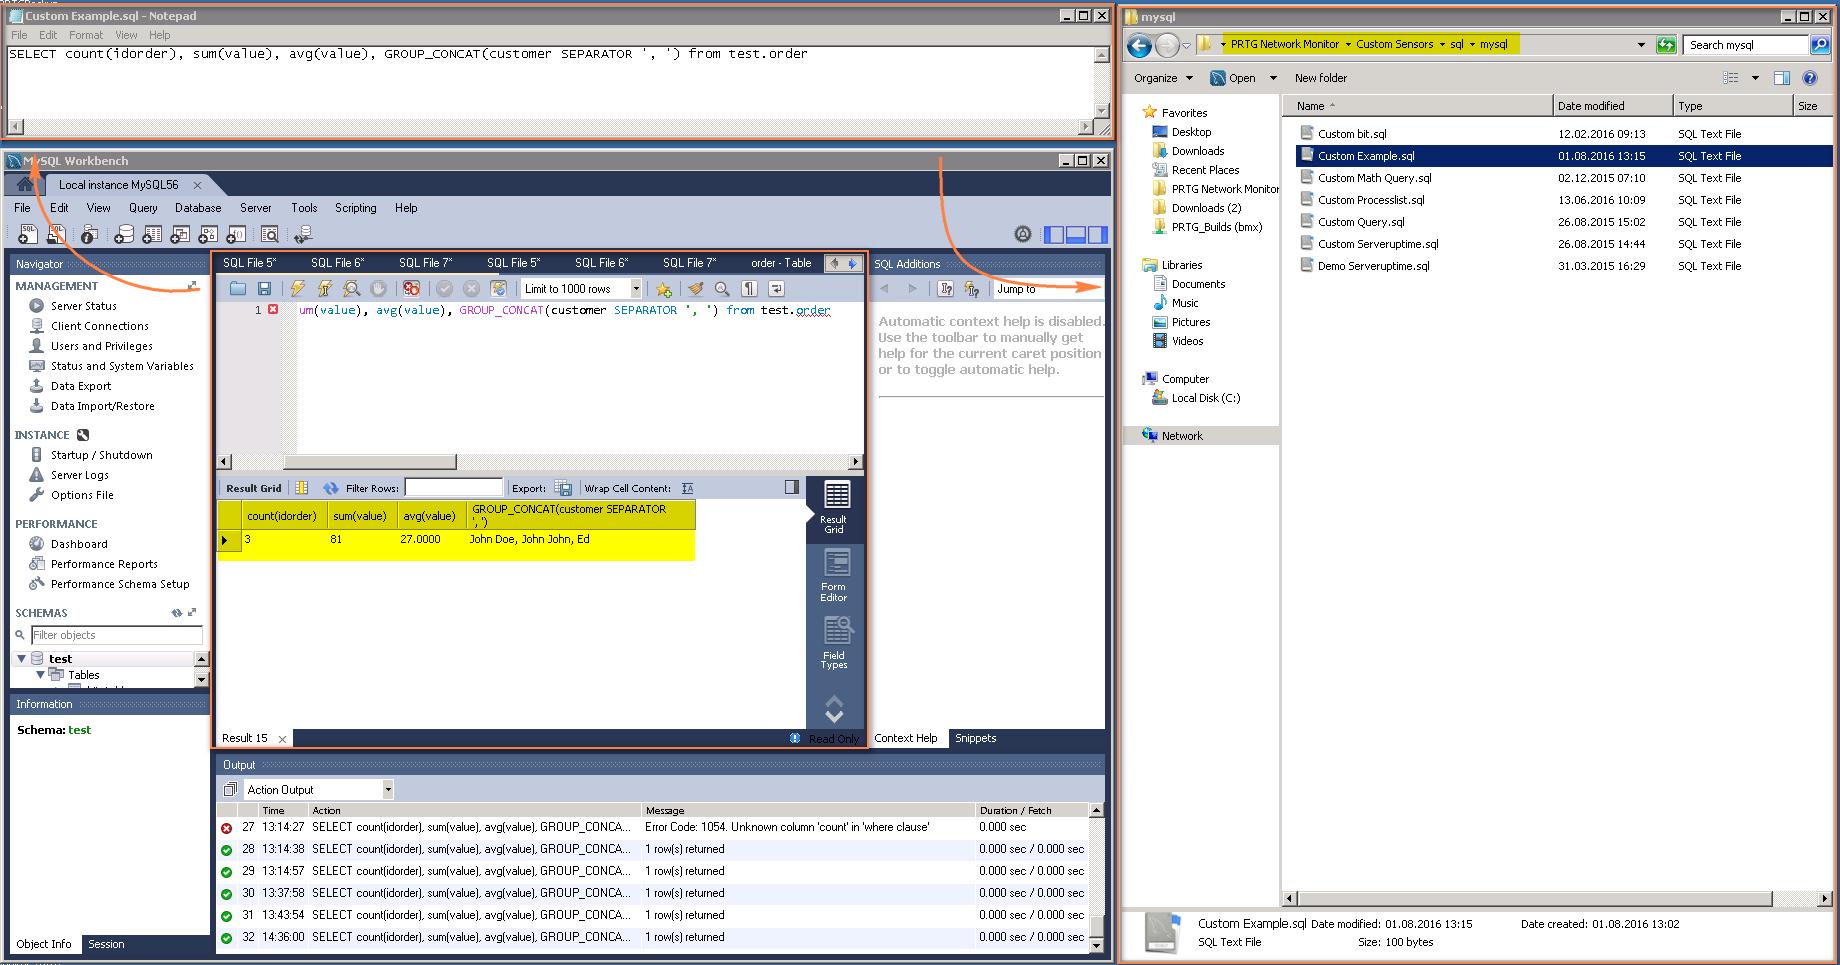 thiết lập cảm biến SQL v2 trong PRTG